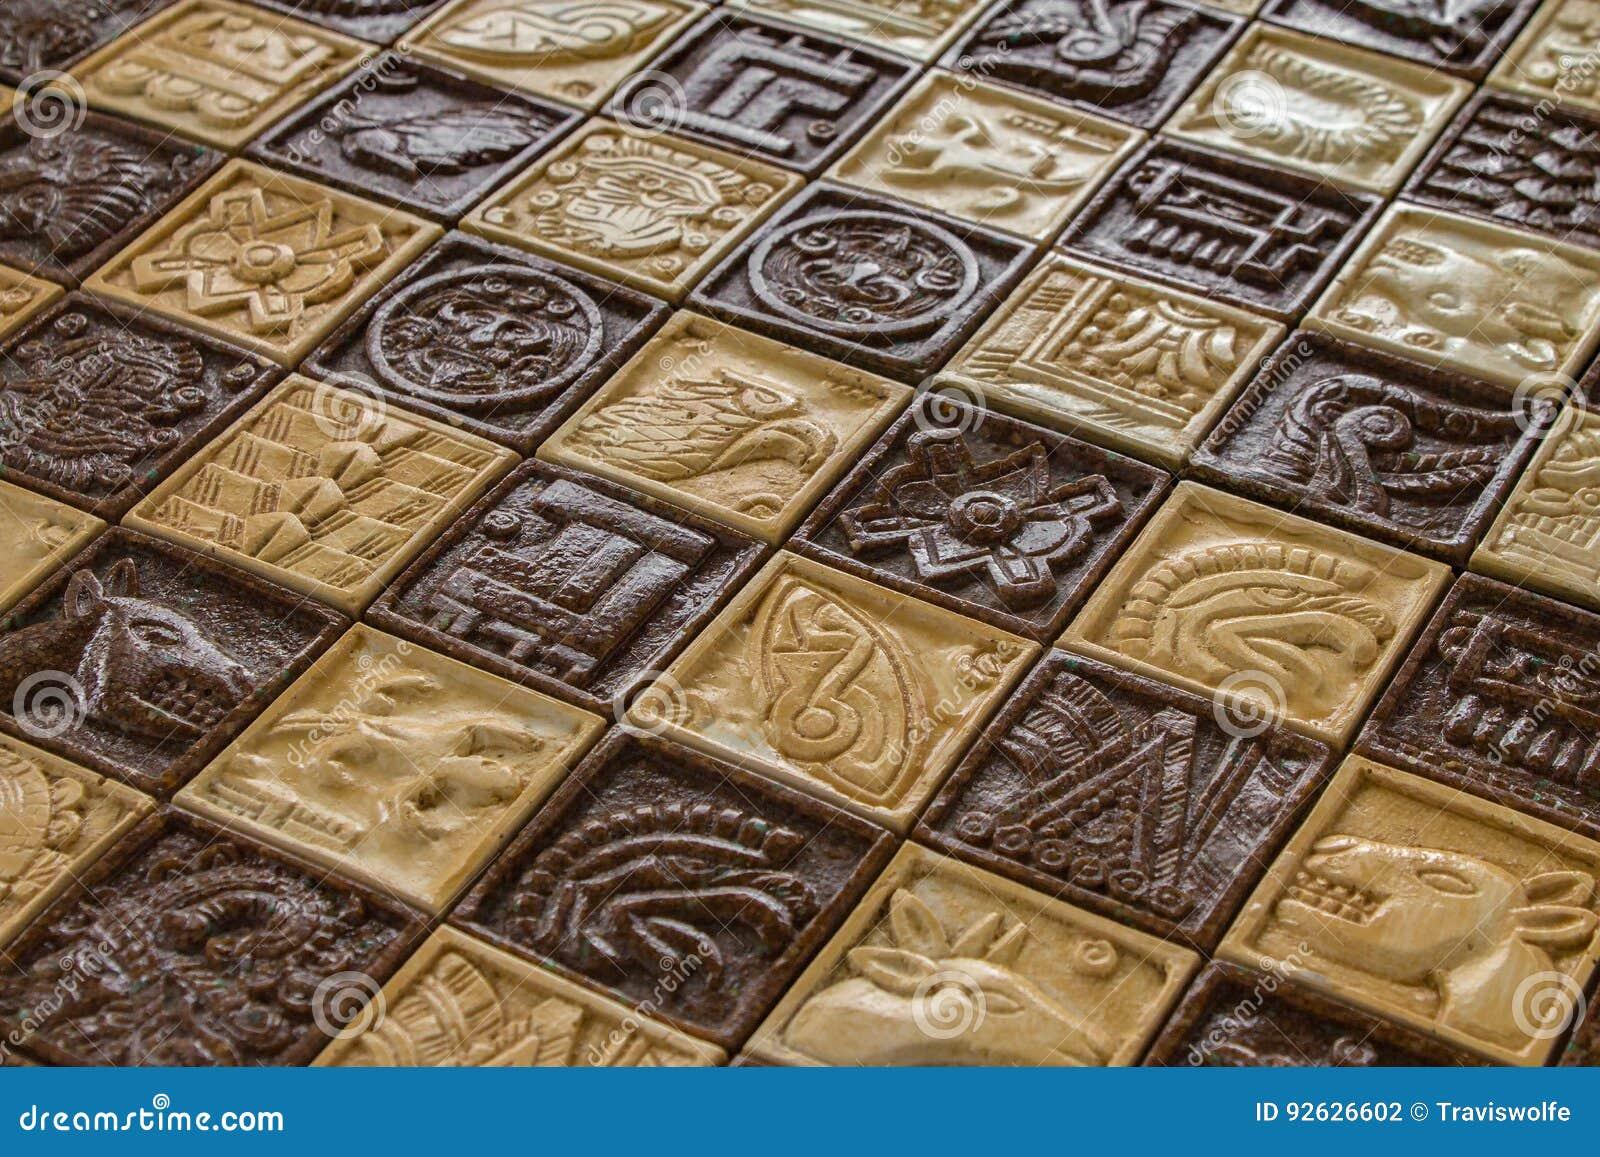 在棋盘的古老玛雅动物雕刻棋的作战概念和马和鱼和太阳神和当地美洲印第安人l